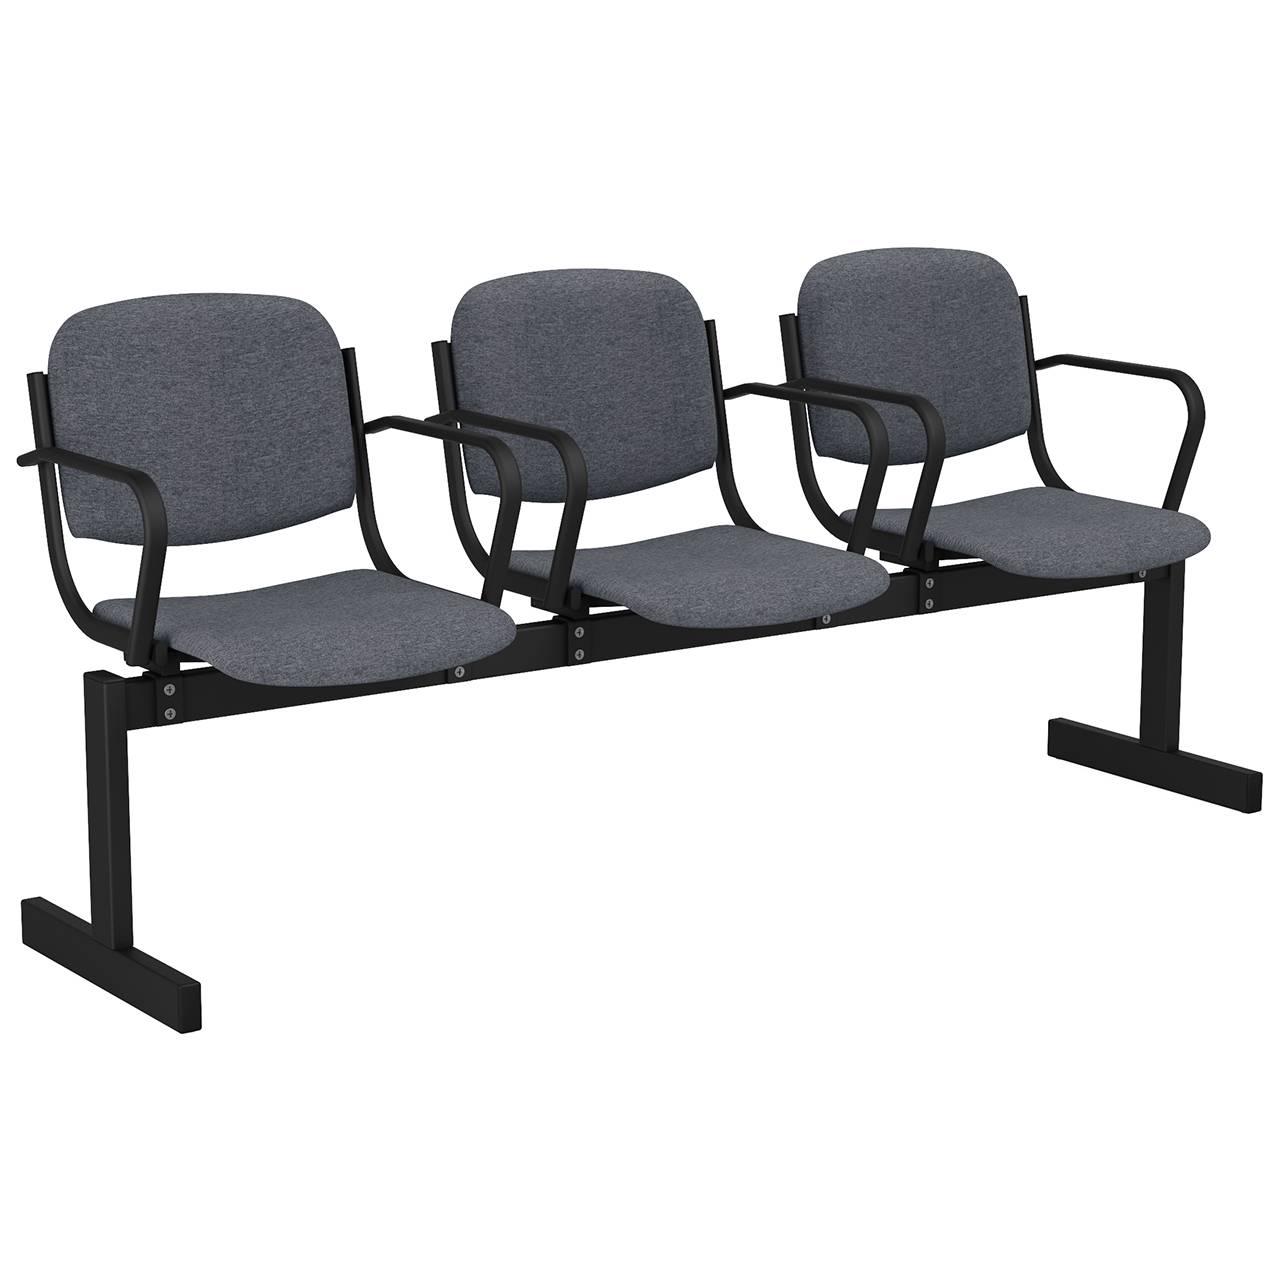 3-местный, не откидывающиеся сиденья, мягкий, подлокотники черный серый Офисная ткань